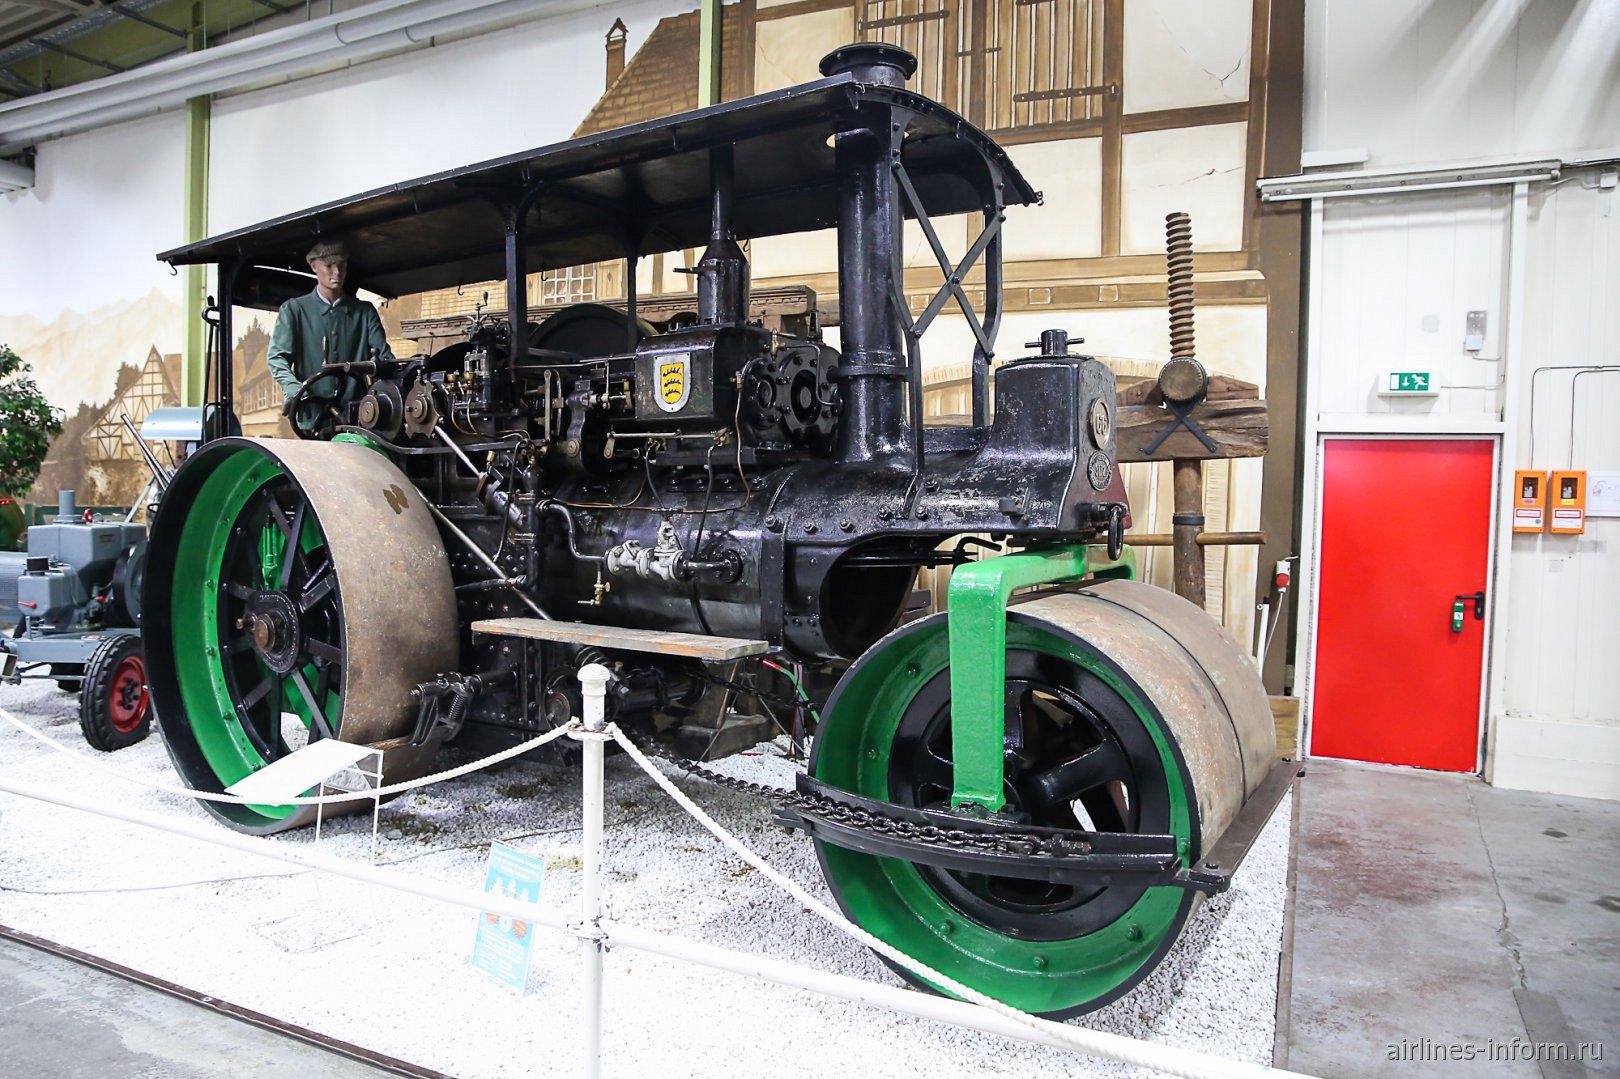 Дорожный каток в музее техники в Зинсхайме